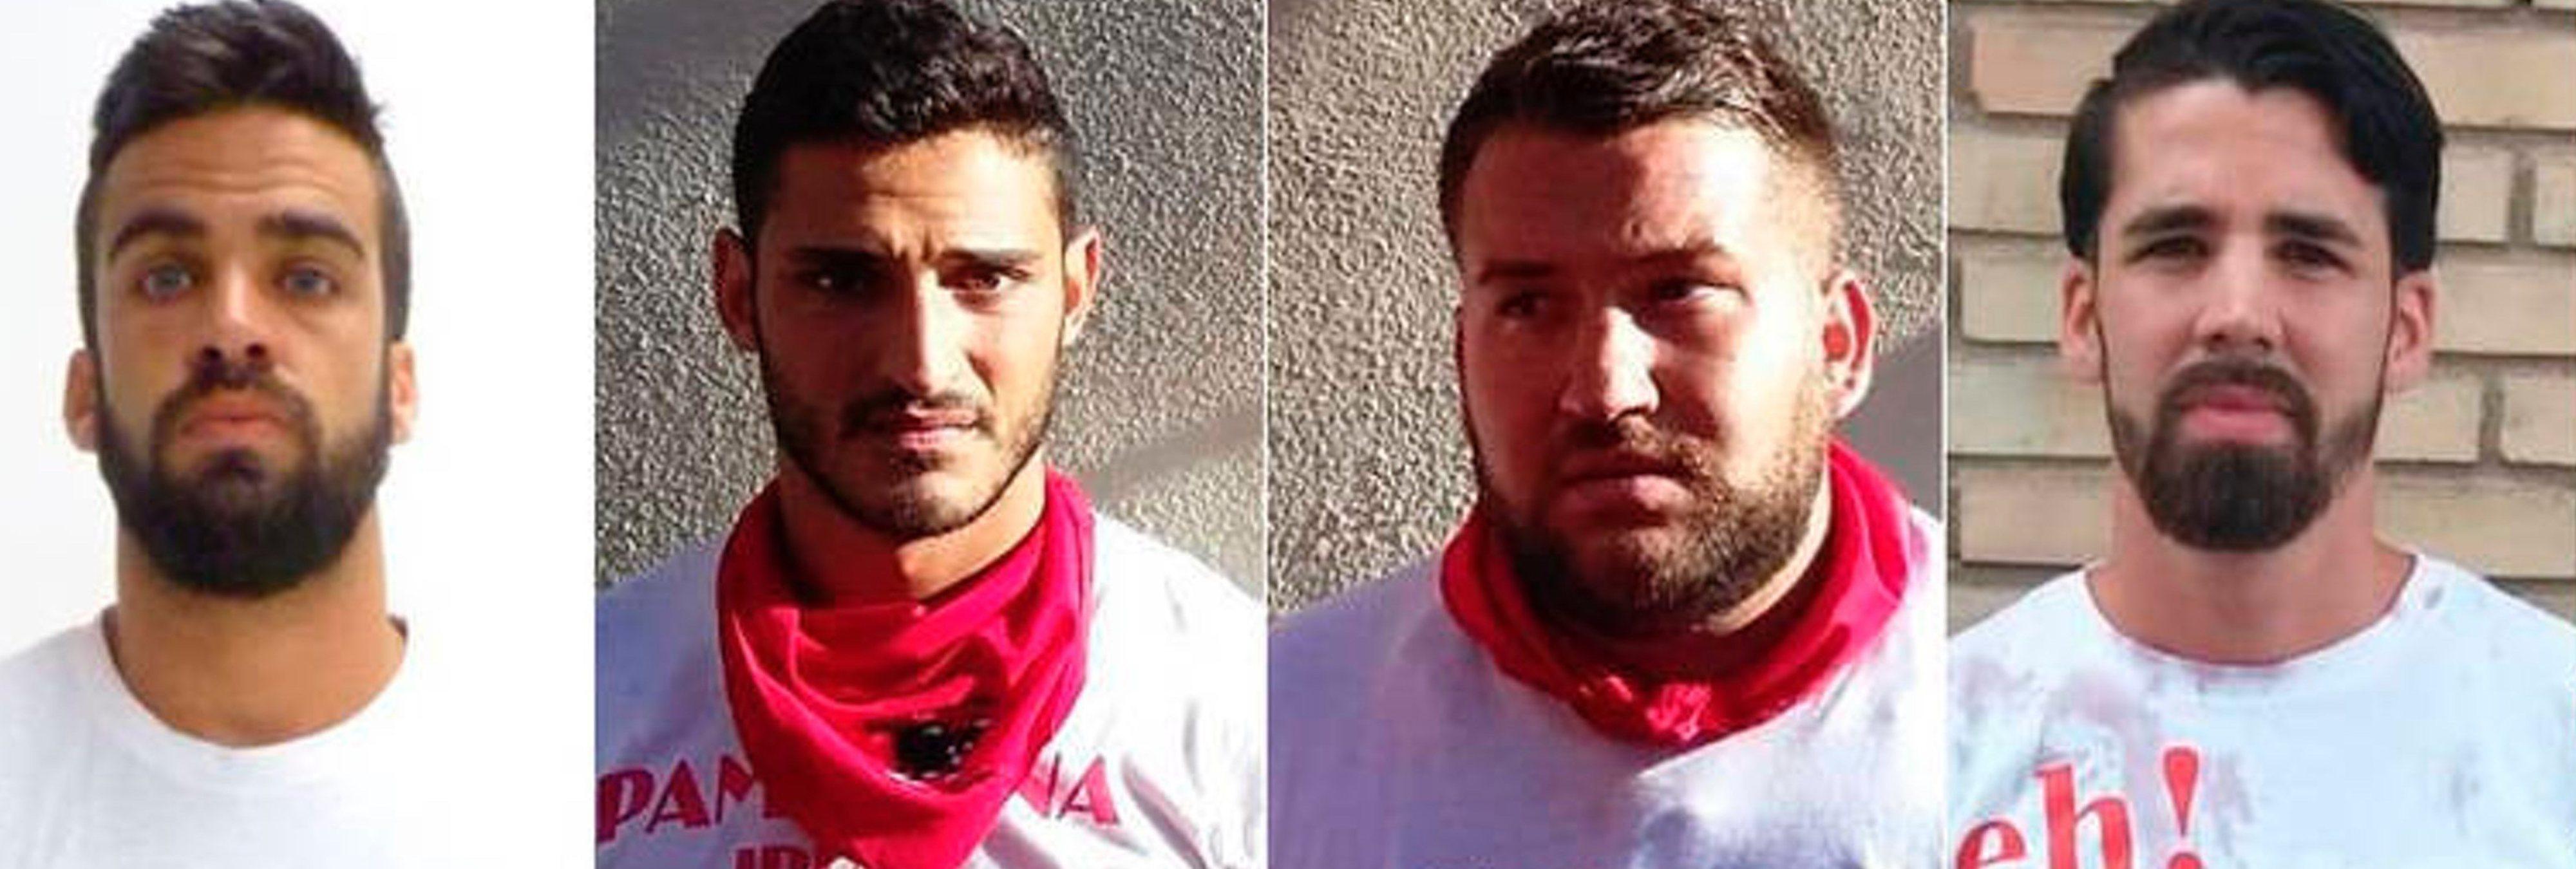 """La víctima de 'La Manada' en Pozoblanco advierte: """"Voy a llegar hasta el final"""""""